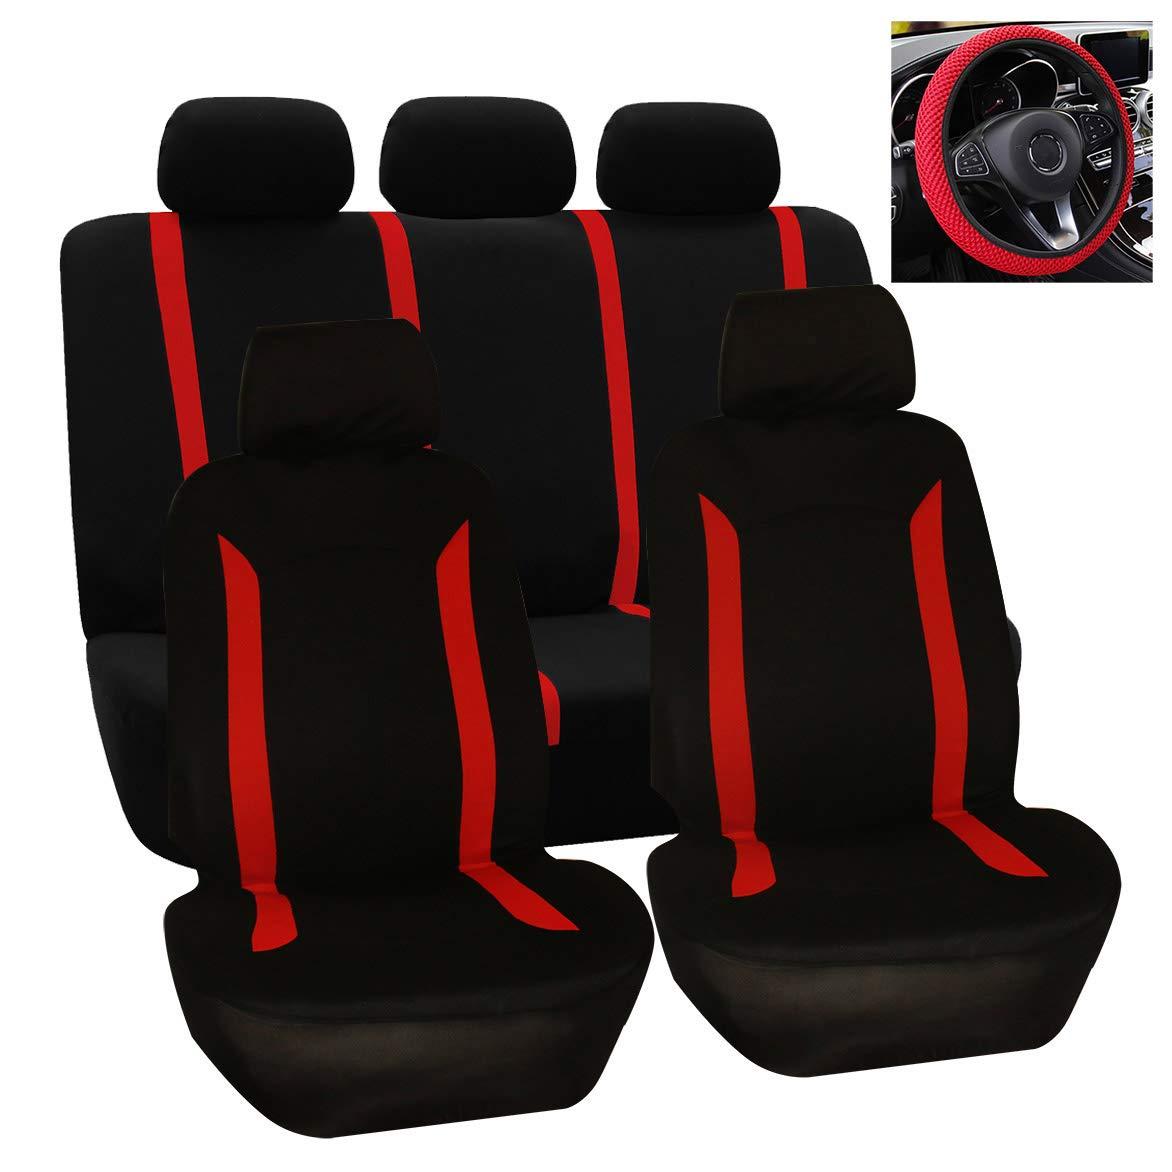 Semoic Protezione Universale per Seggiolino Auto Lavabile 10 Pezzi//Set con Coprivolante Nero Rosso